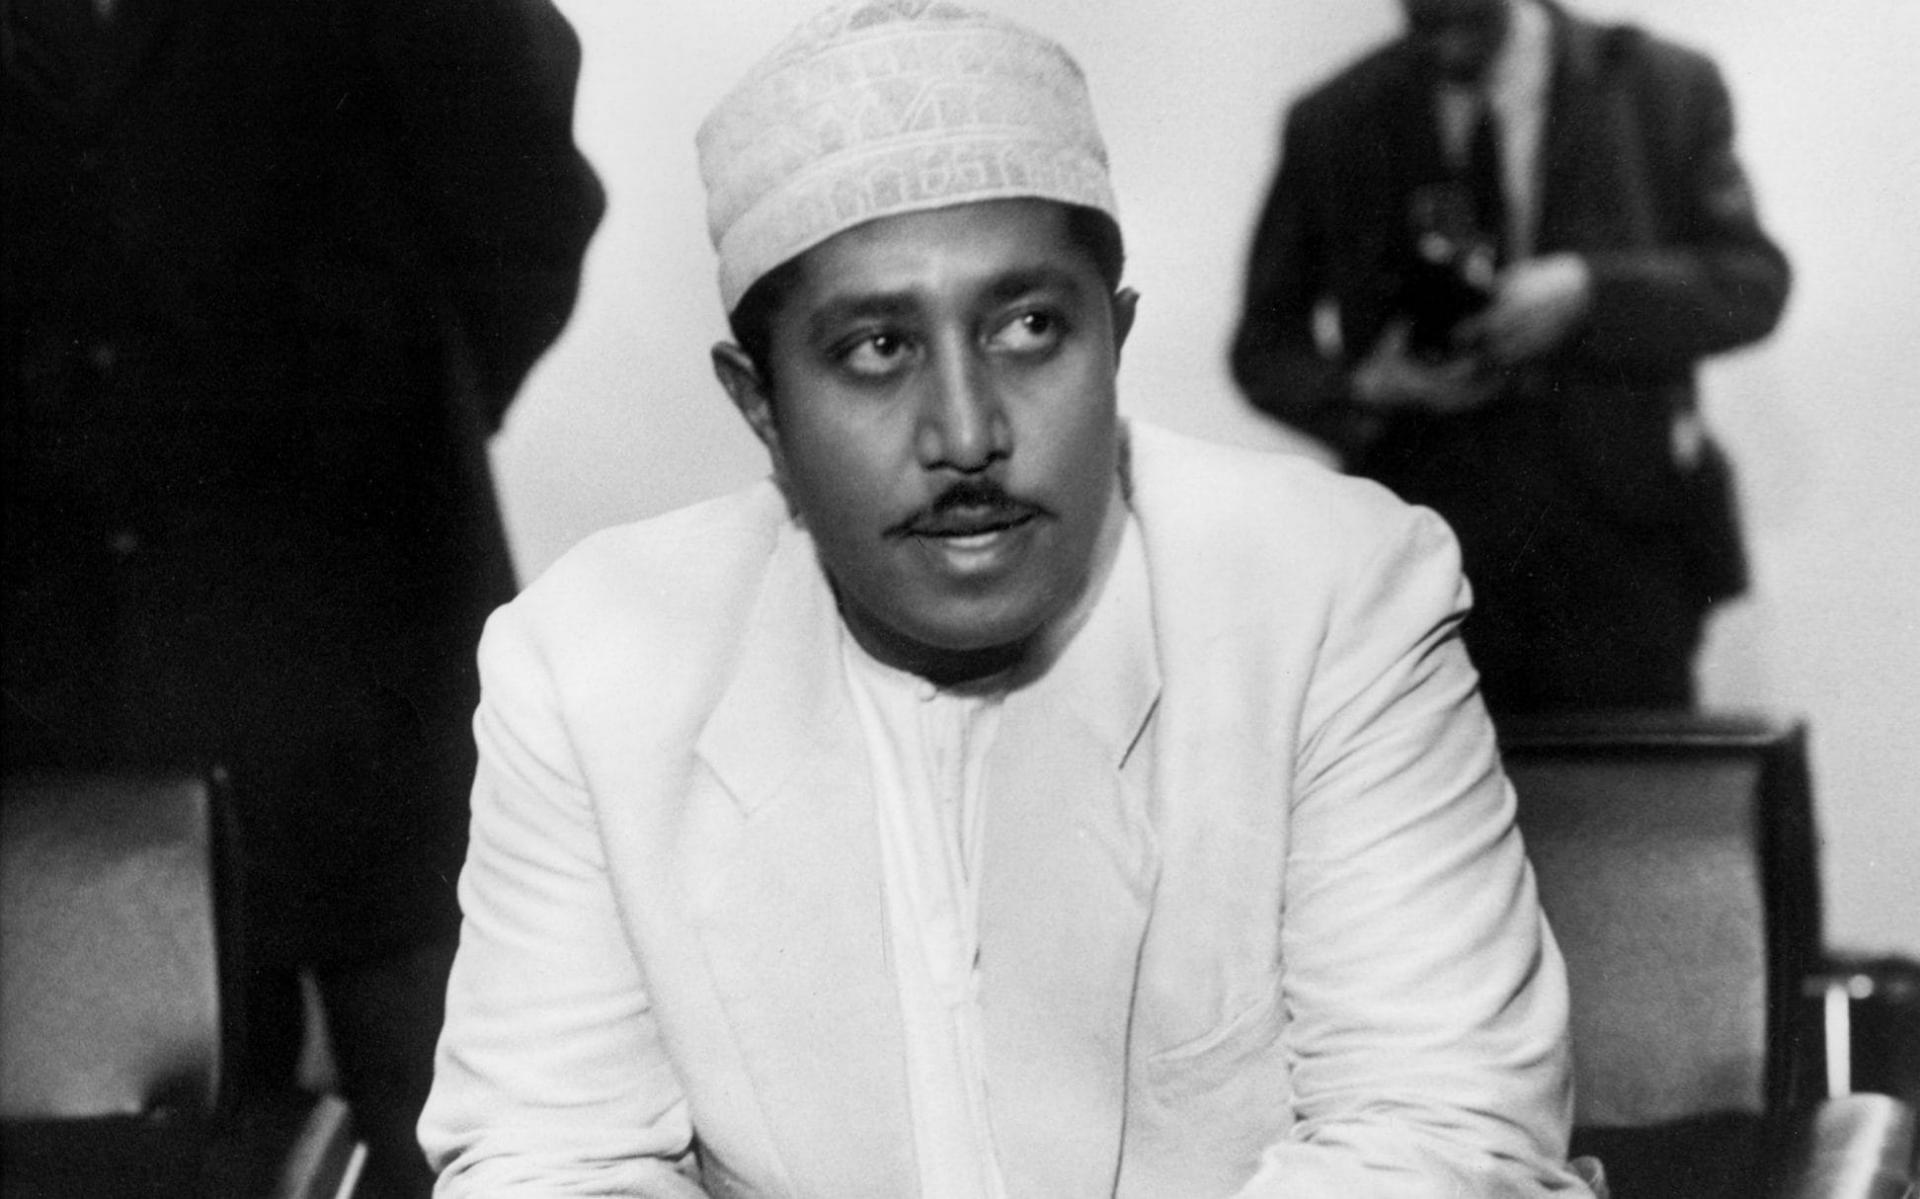 Le sultan de zanzibar en exil en 1964